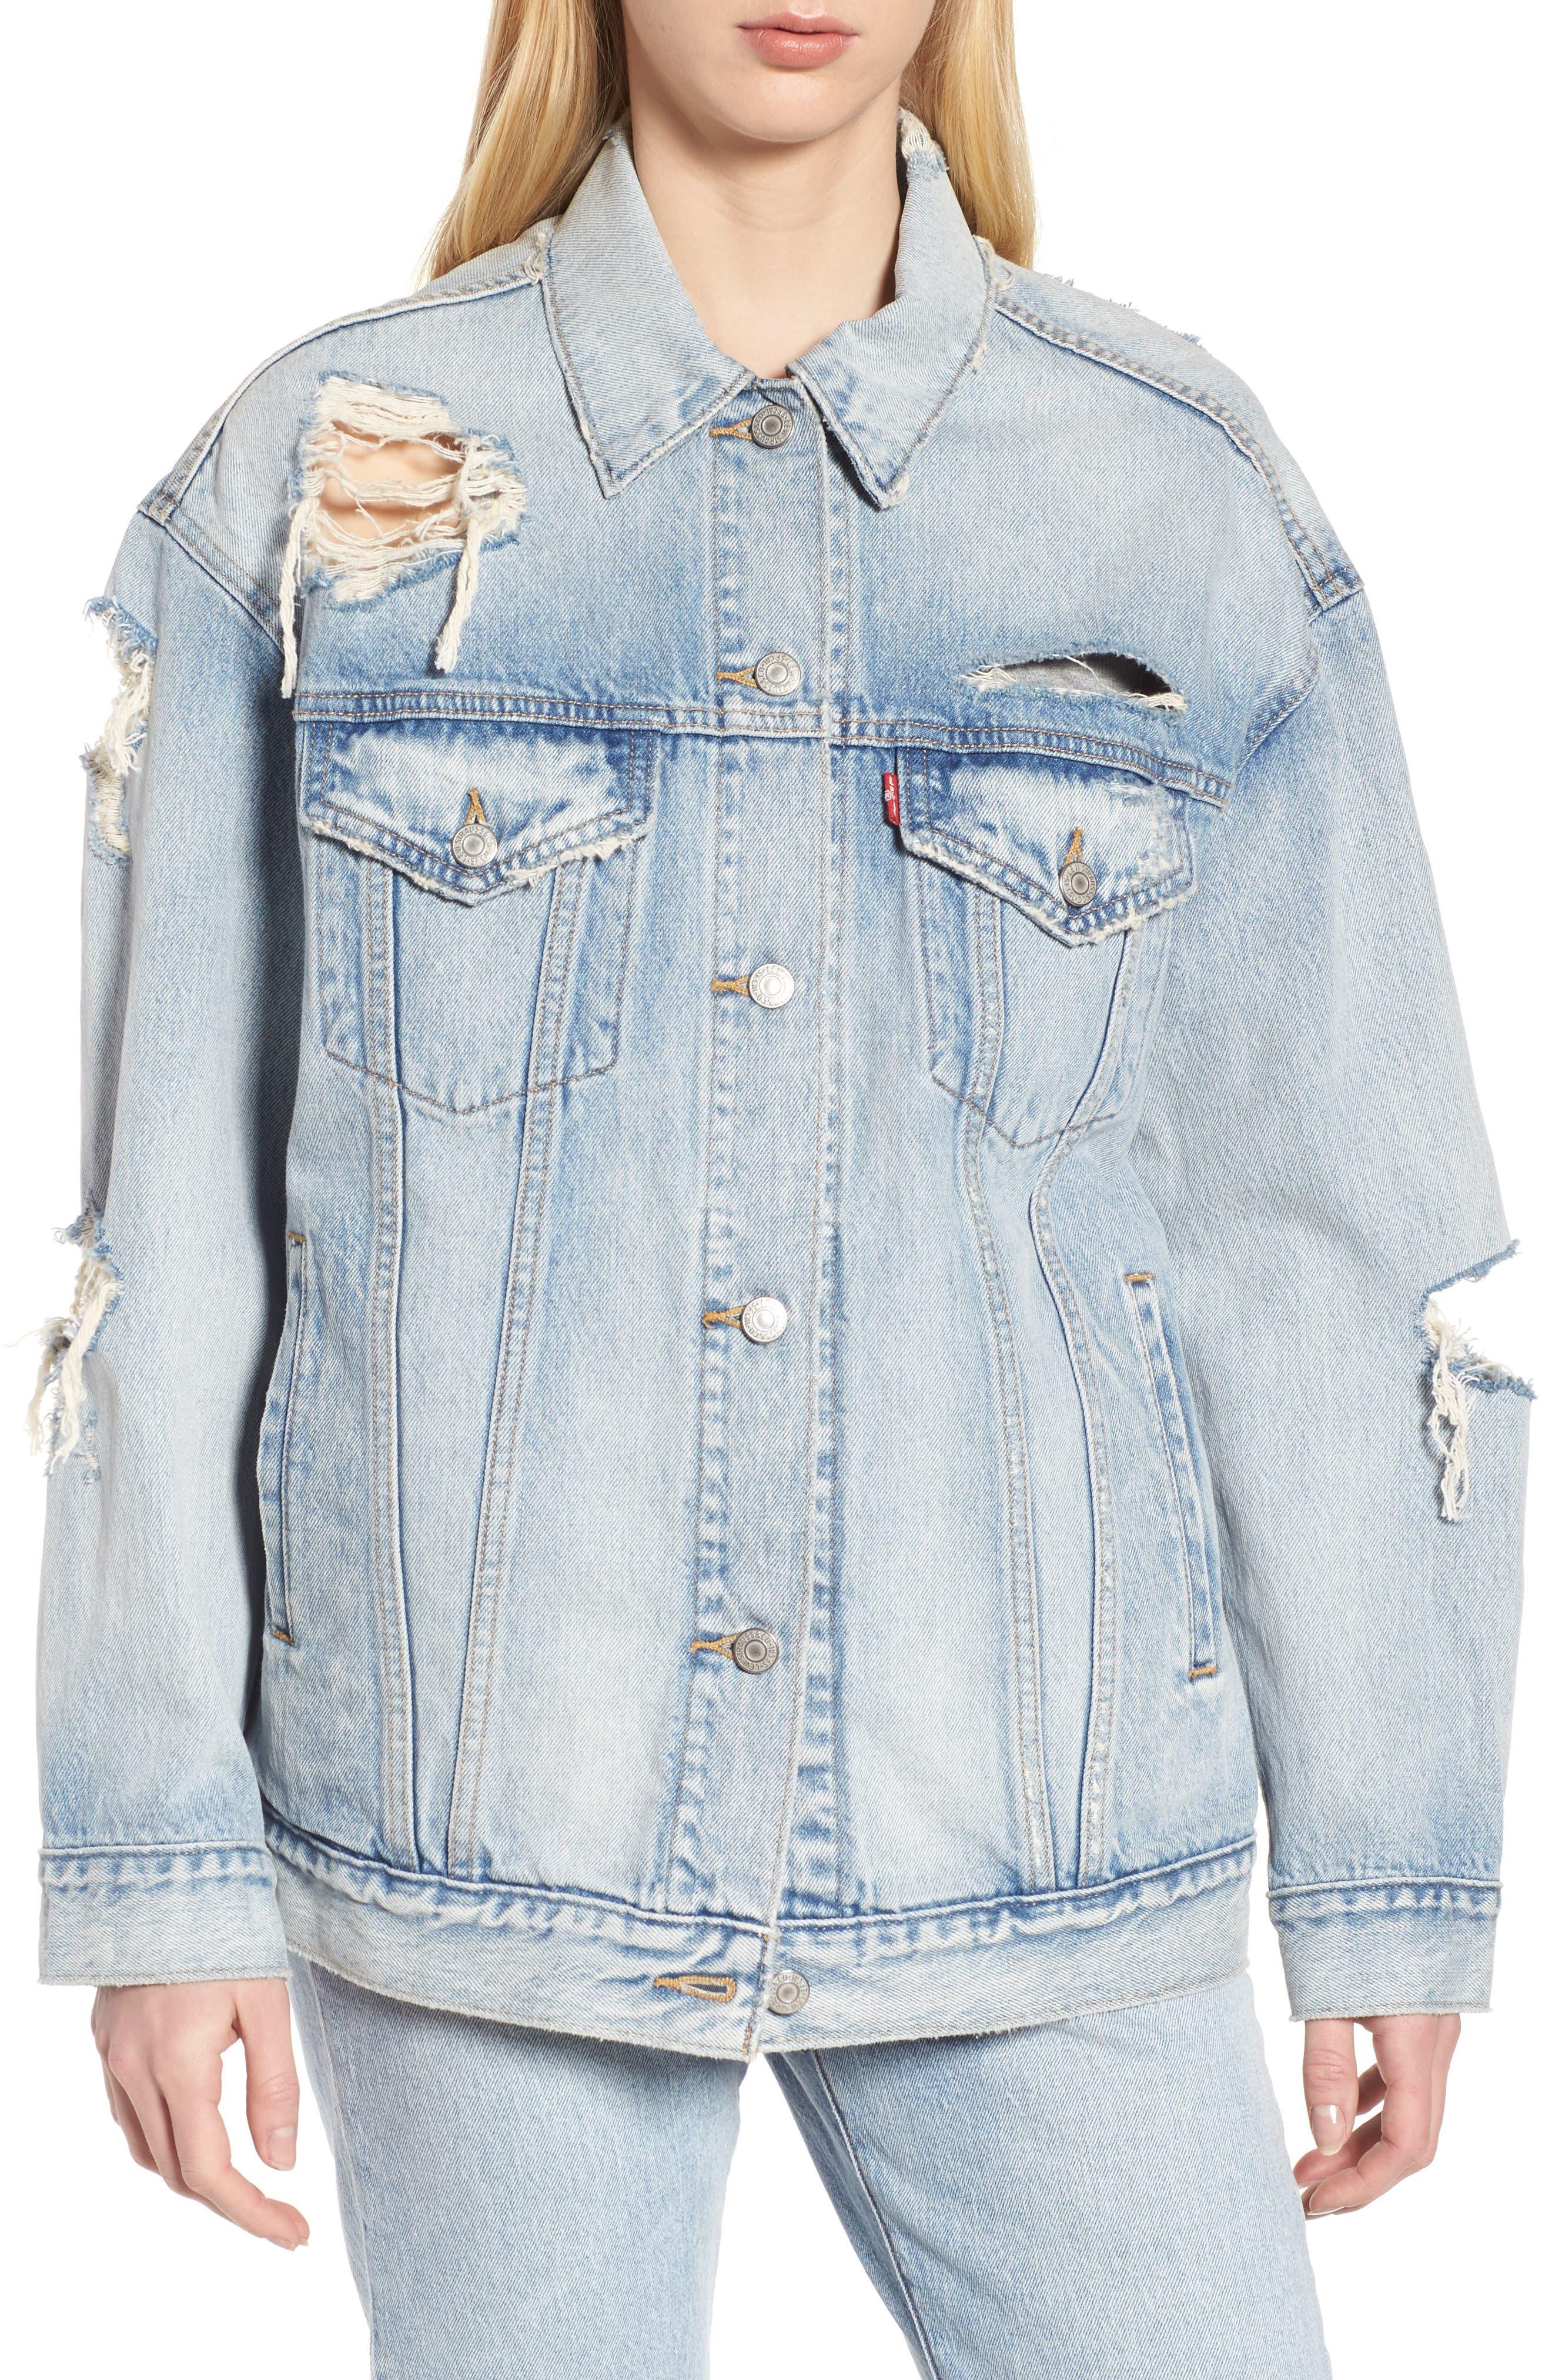 Levis<sup>®</sup> Baggy Trucker Denim Jacket,                             Main thumbnail 1, color,                             401